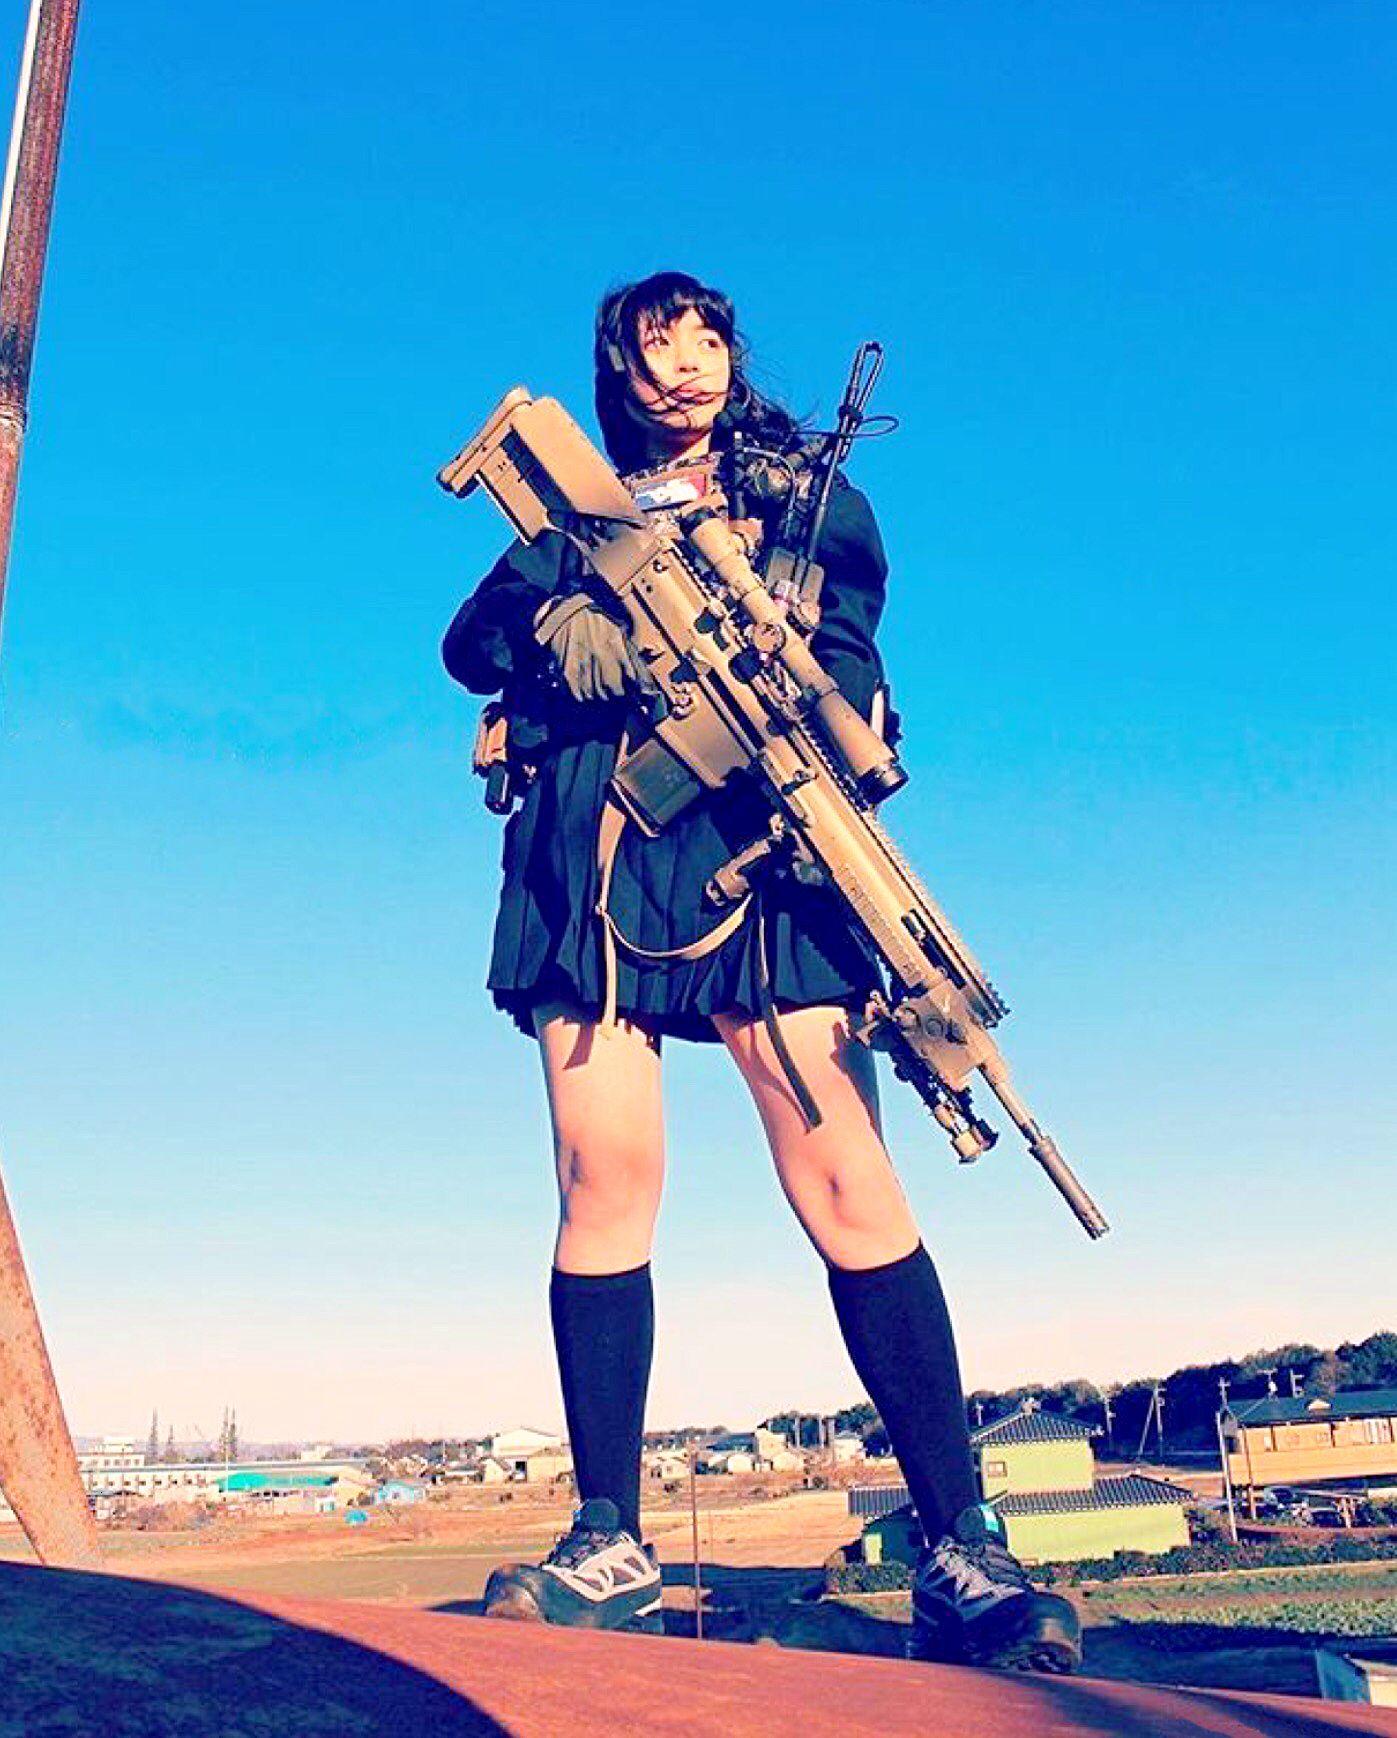 Asatica Colegiale A La Fuerza Porno pin de tropicalfiest en cyber_1   chica militar, poses